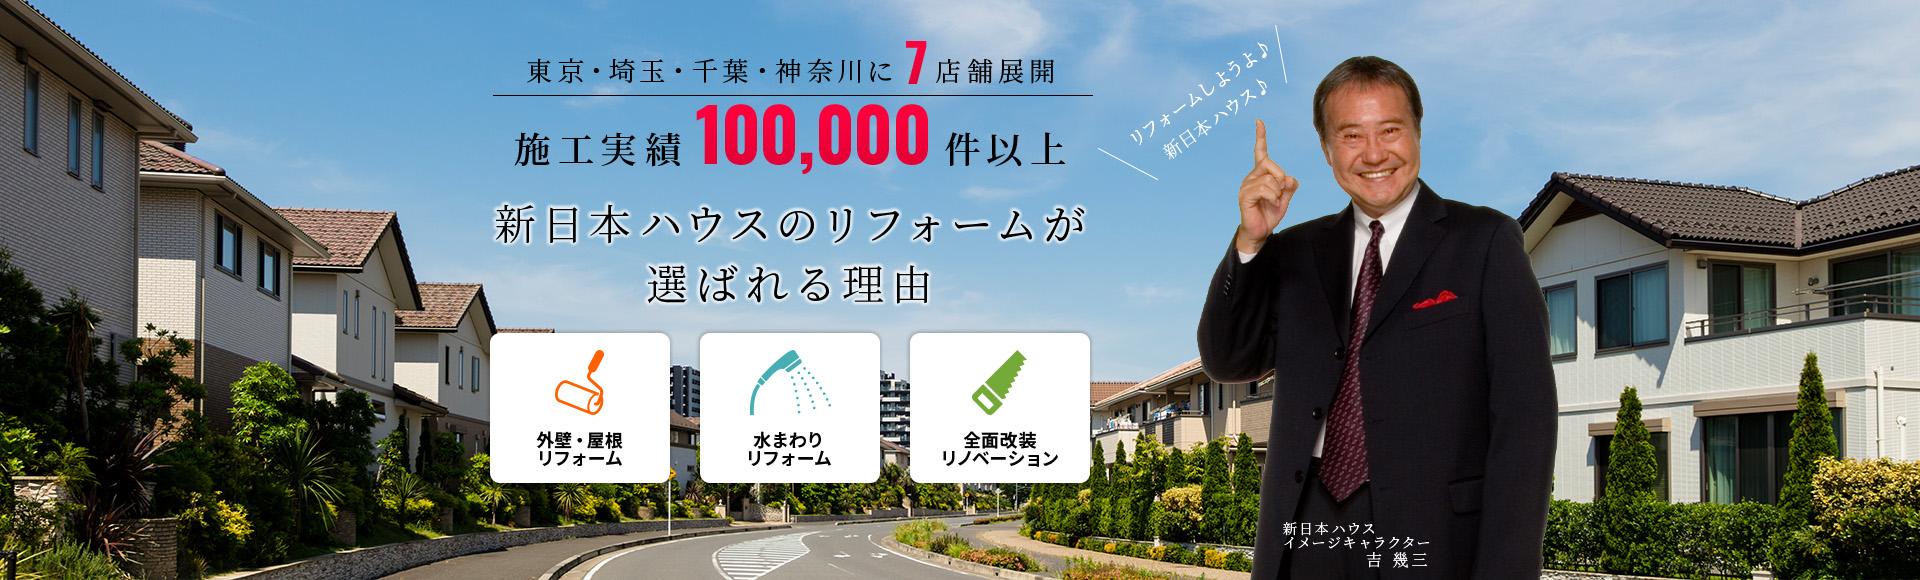 東京・埼玉・千葉・神奈川に10店舗展開 新日本ハウスのリフォーム